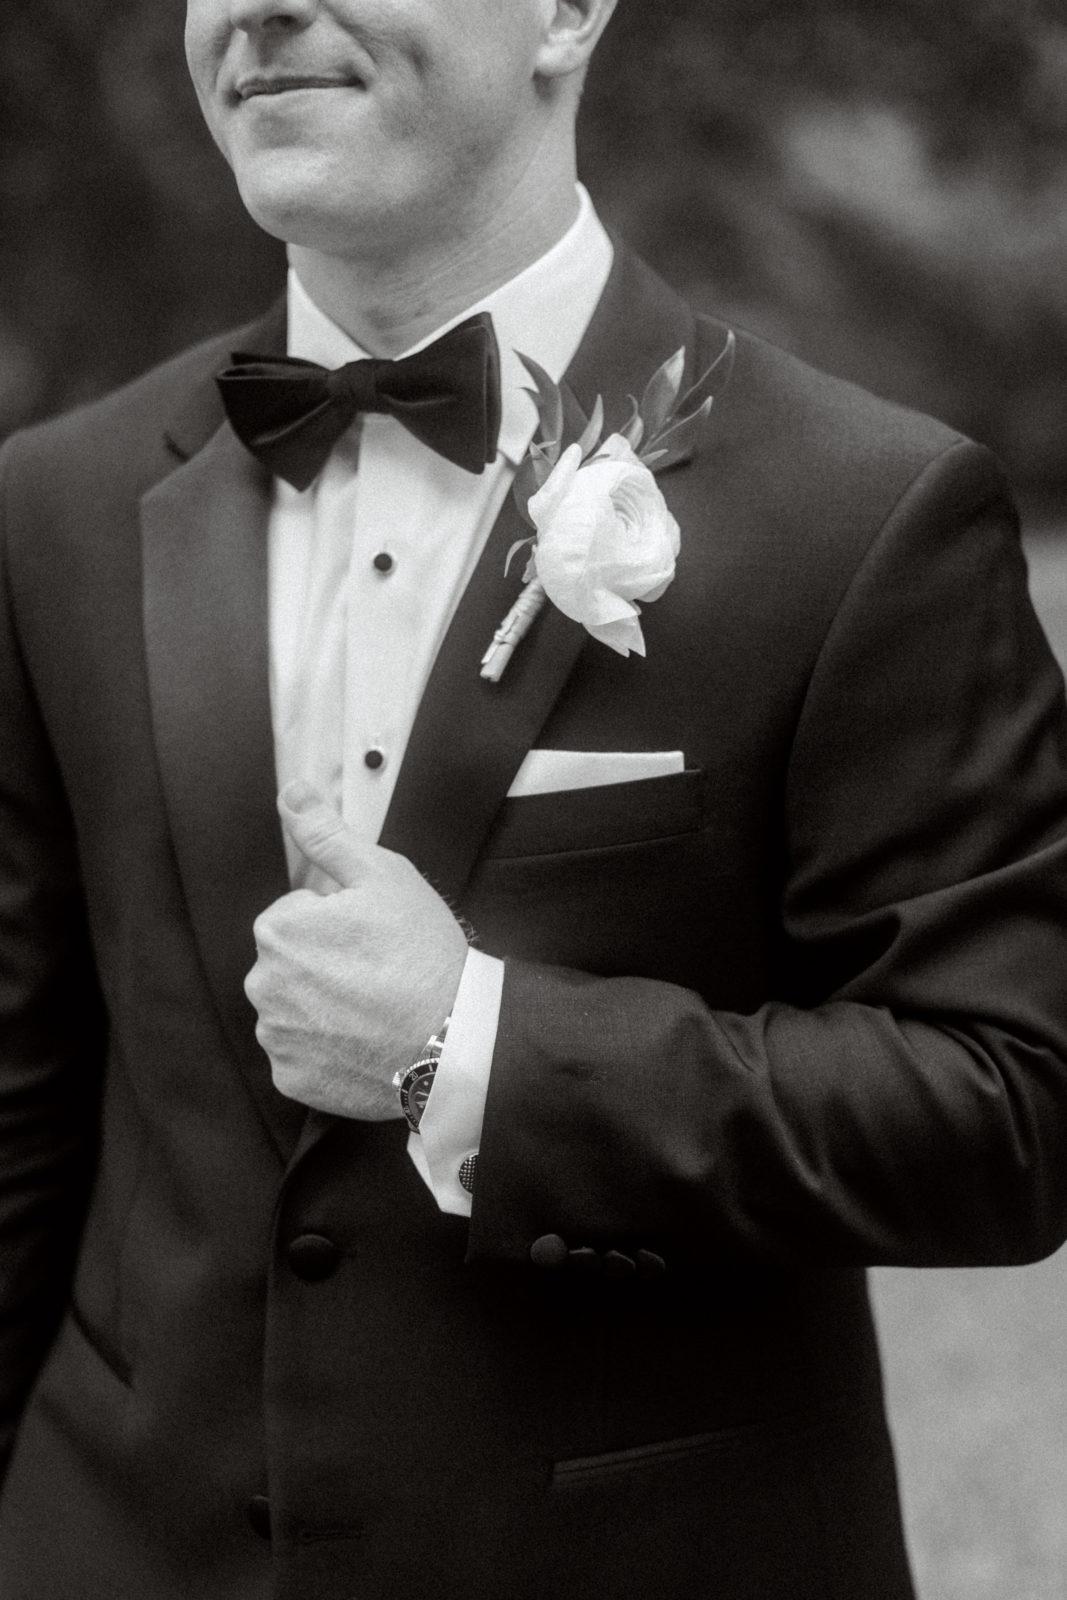 Classic groom's tuxedo